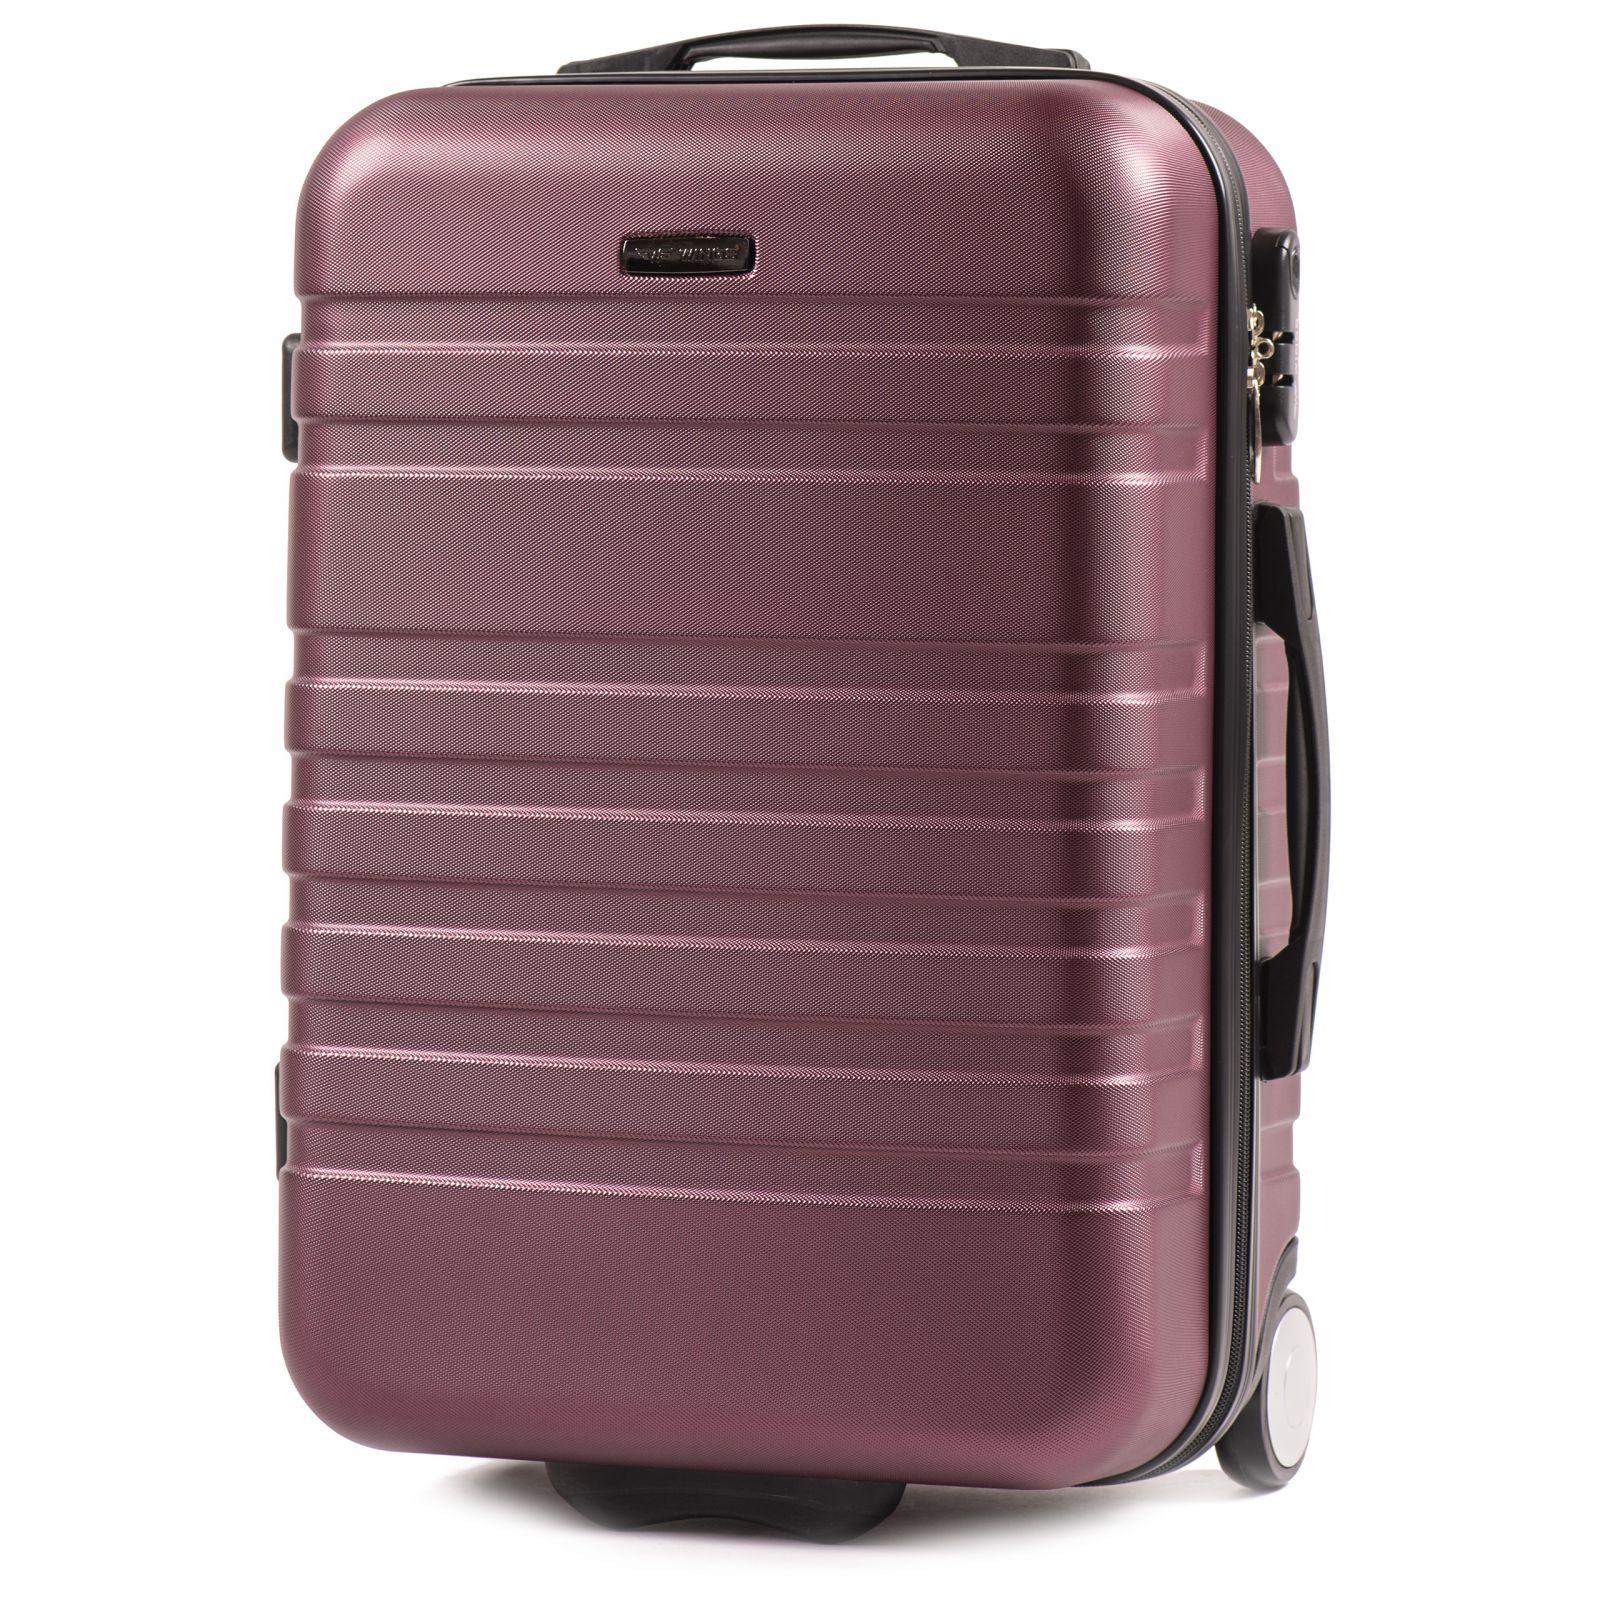 Cestovní kufr WINGS 5186 ABS 2w BURGUNDY malý S E-batoh